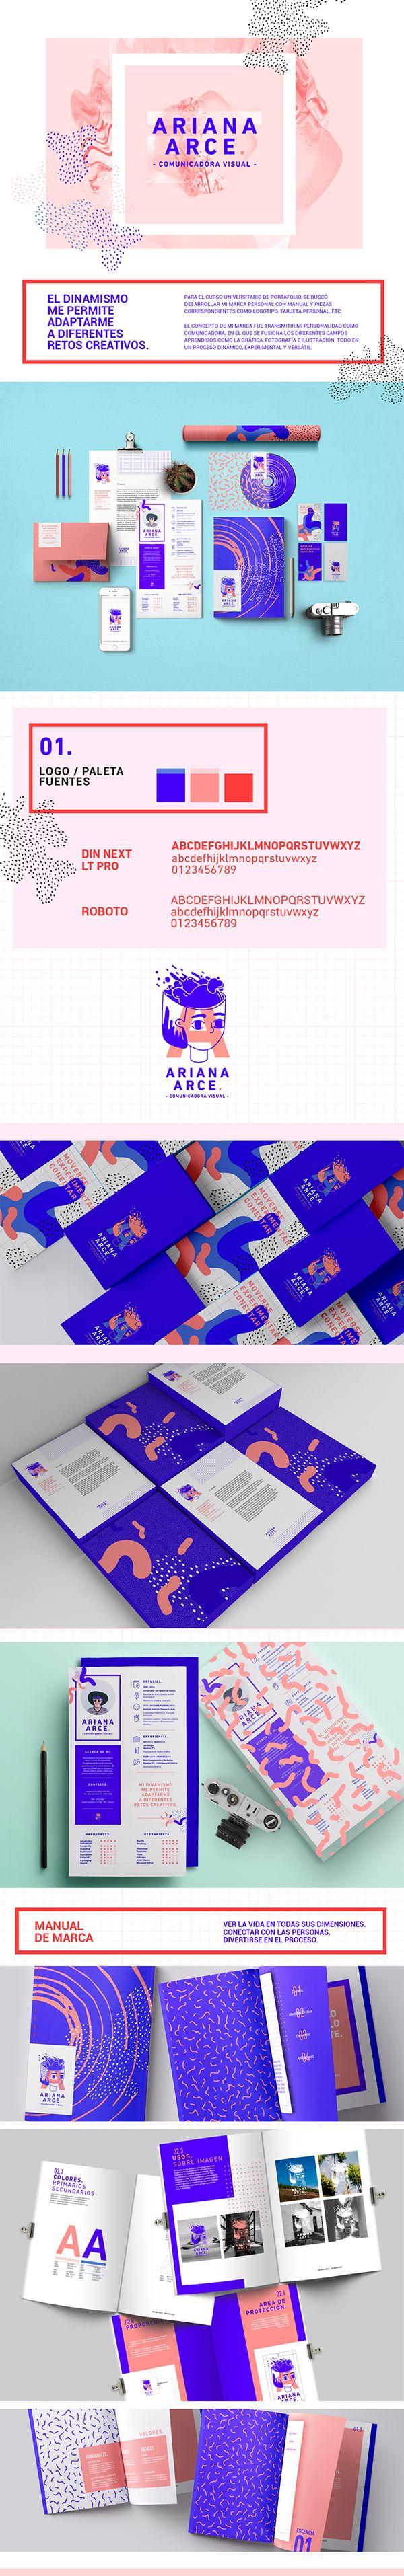 Creación de marca personal como diseñadora.